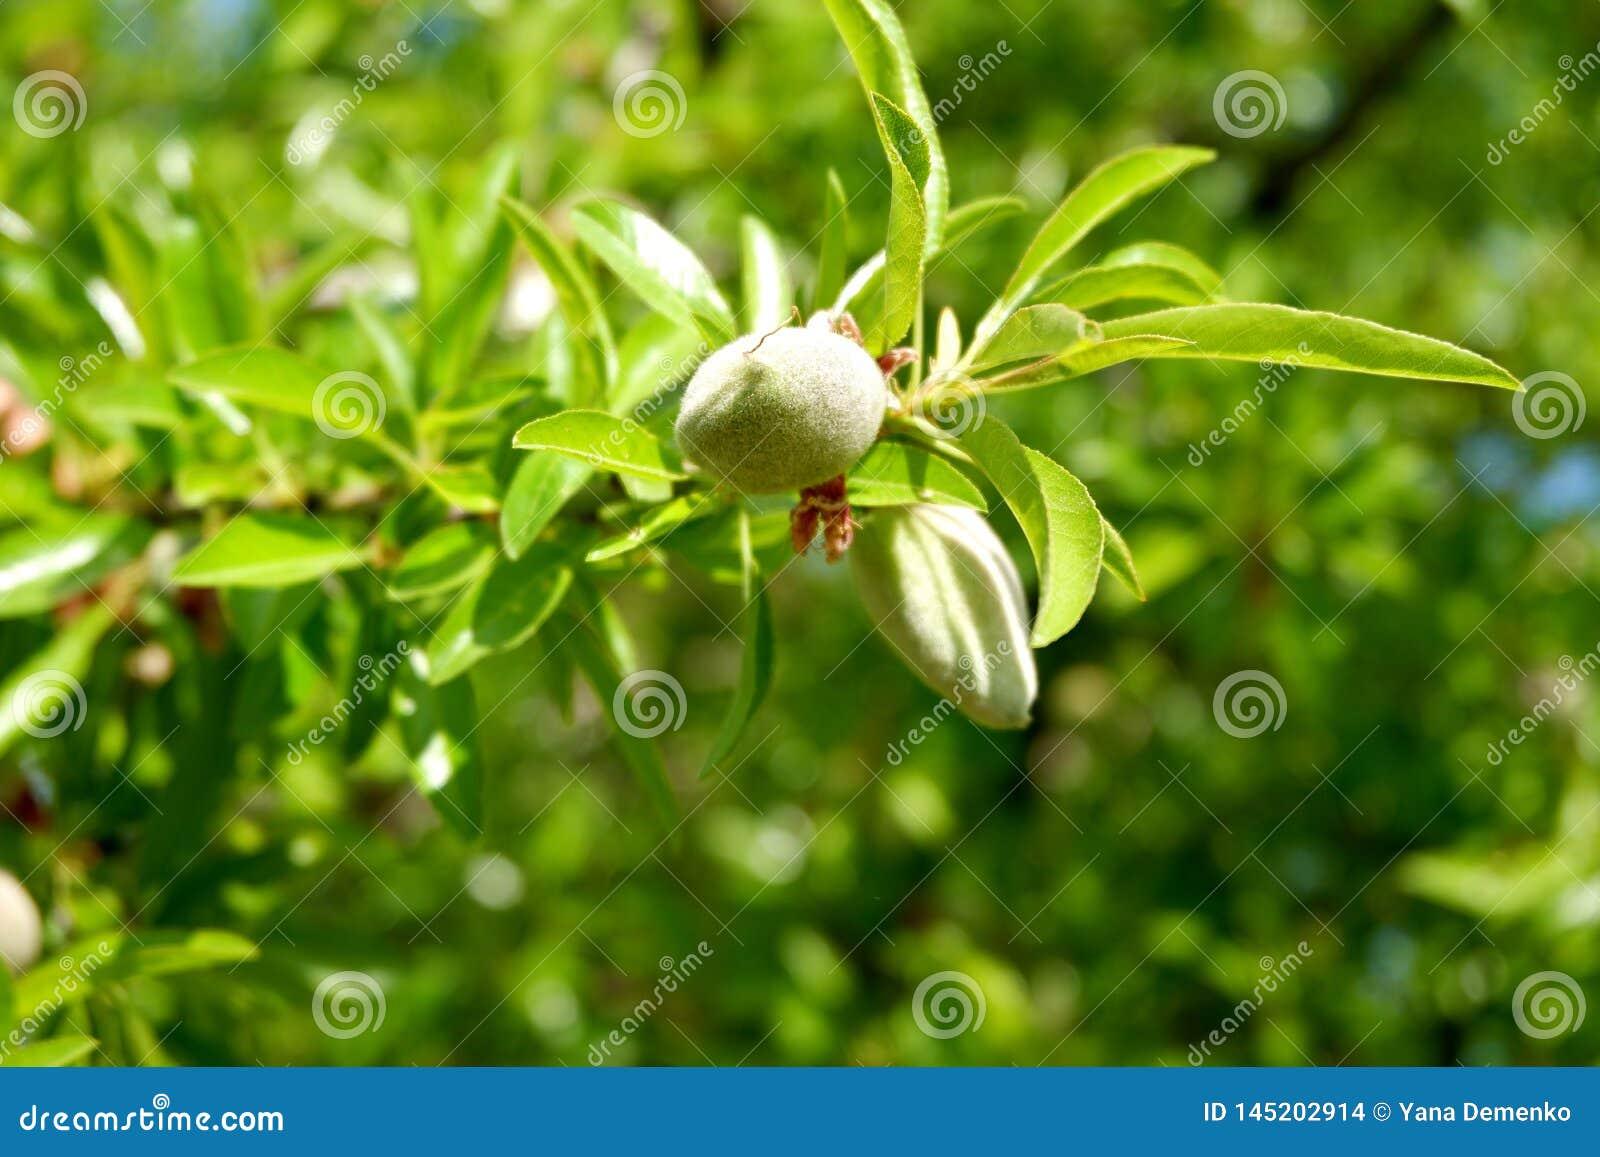 Ветвь миндалины с 2 молодыми неоткрытыми плодами